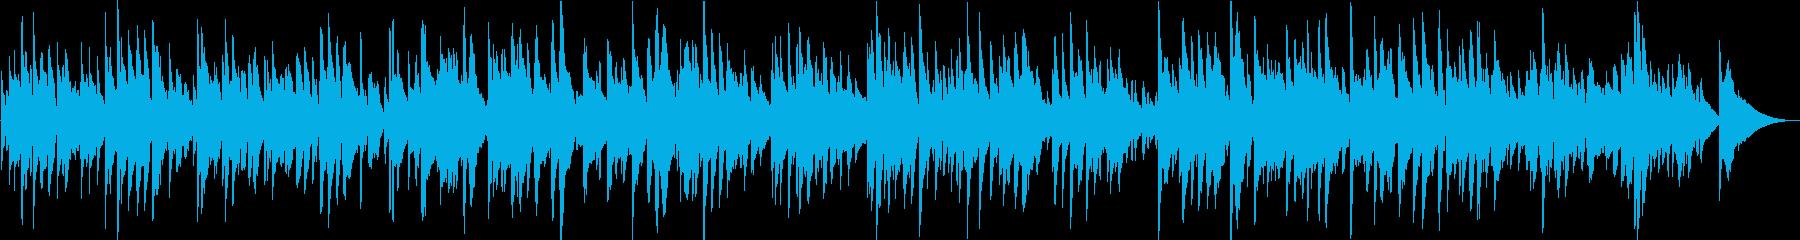 マイ・ボニー ハワイアンリラックスギターの再生済みの波形